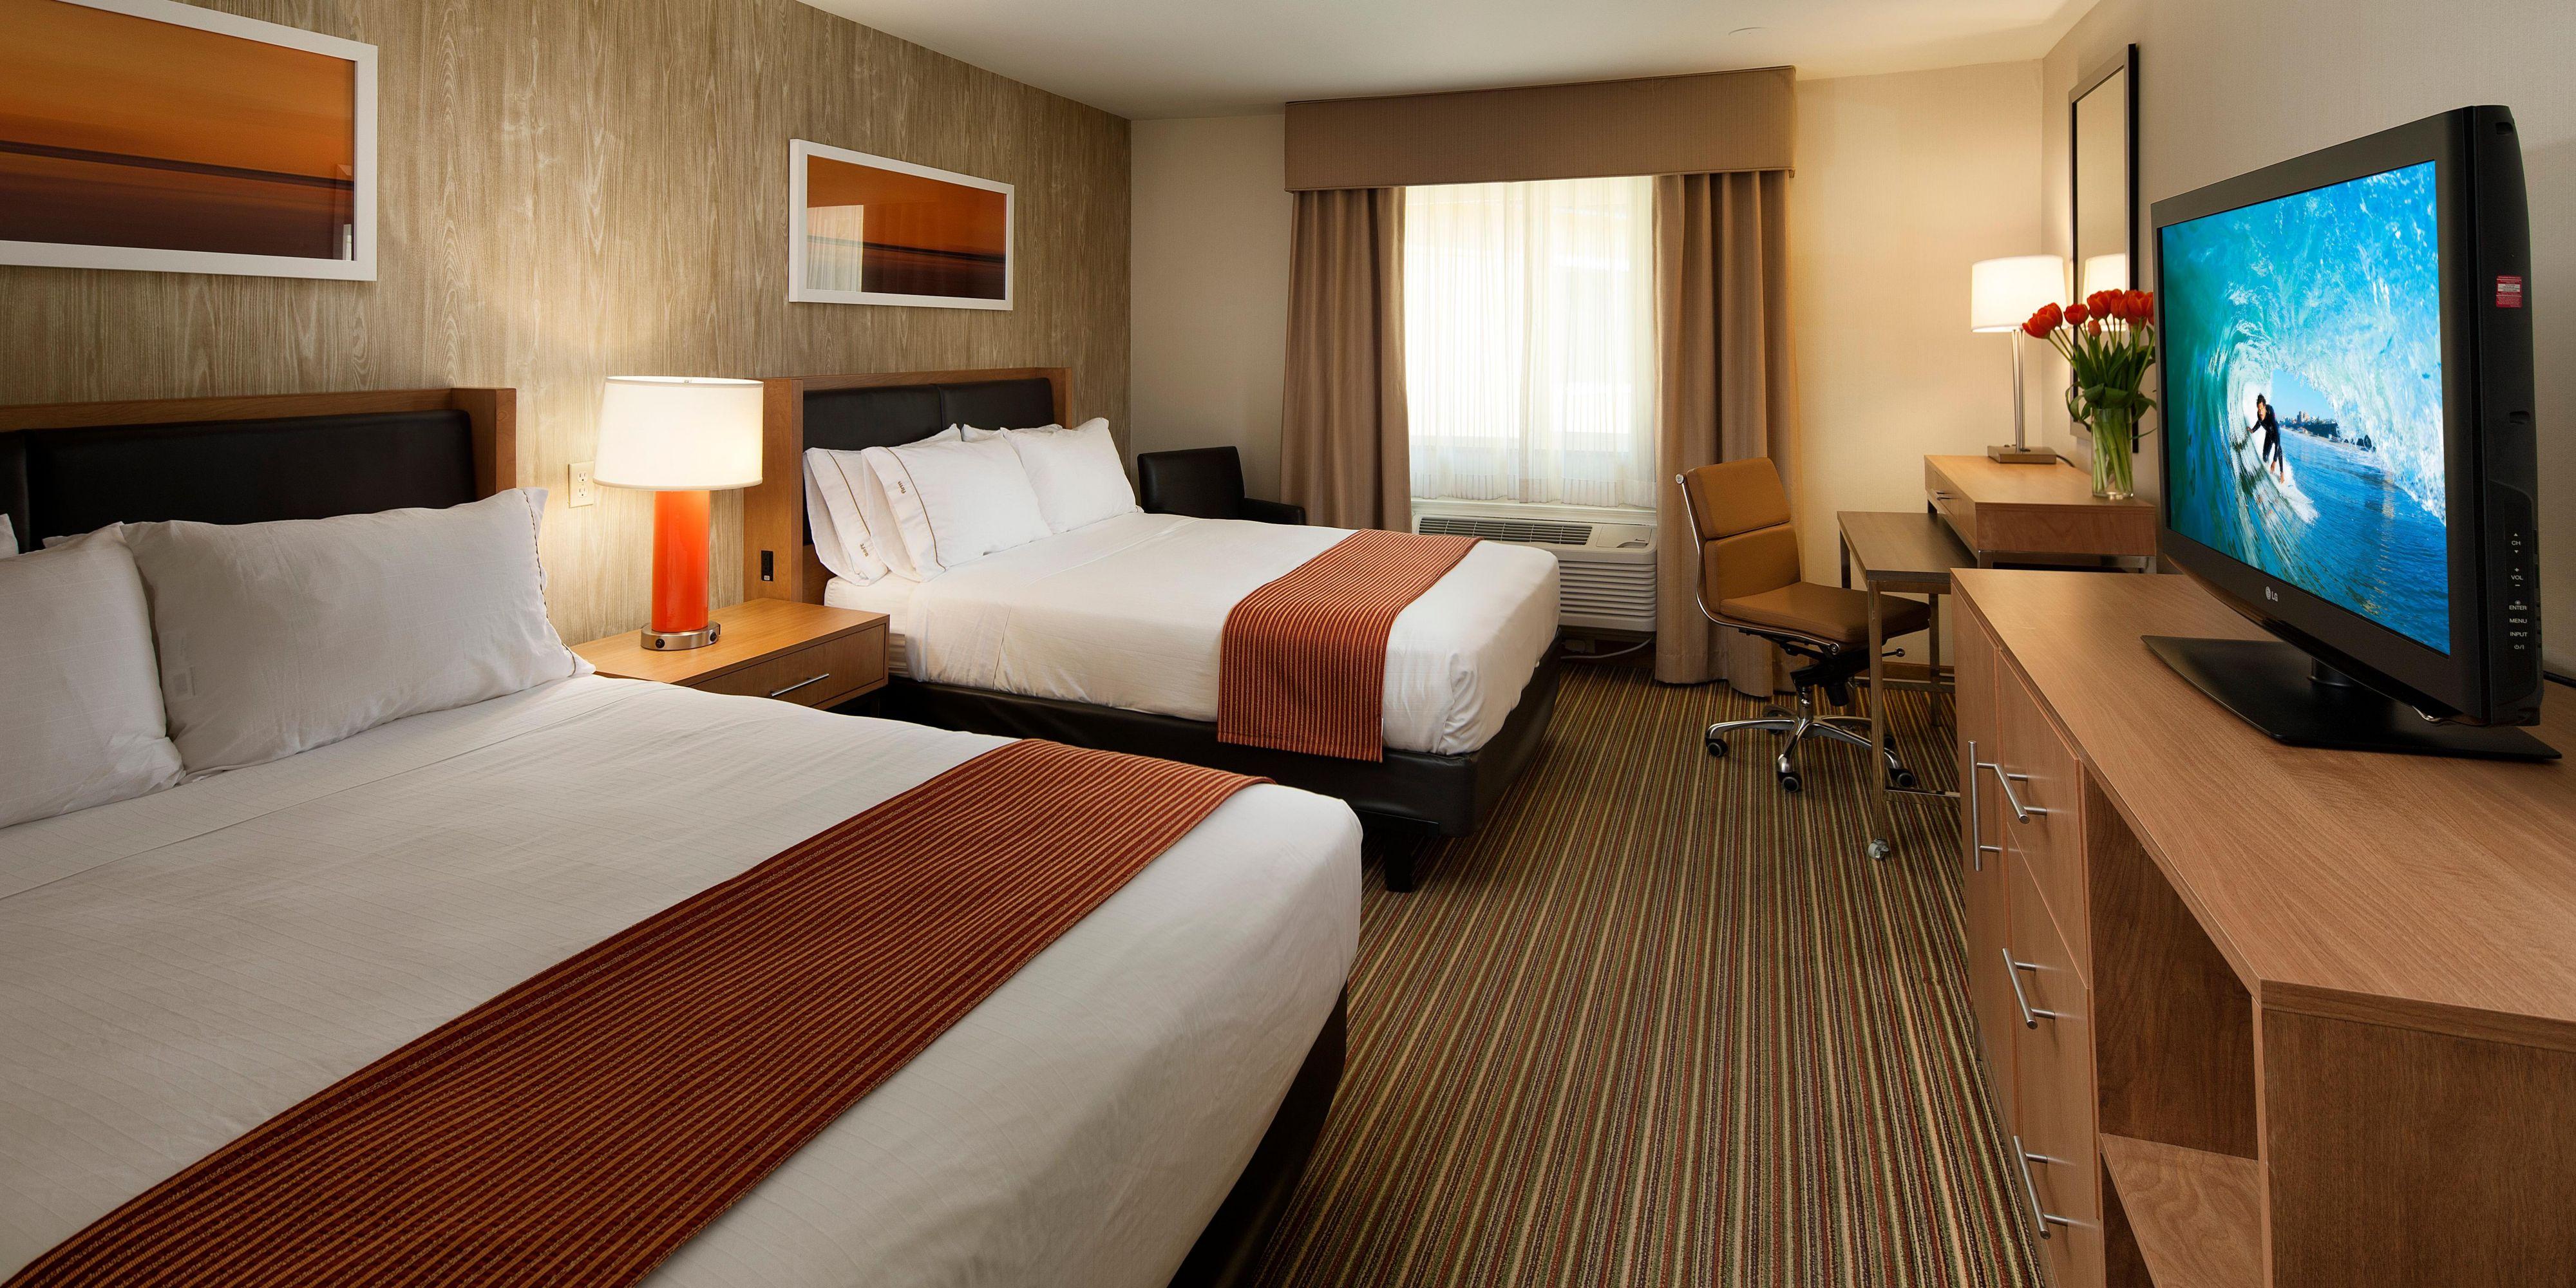 Holiday Inn Express San Luis Obispo 2637421924 2x1